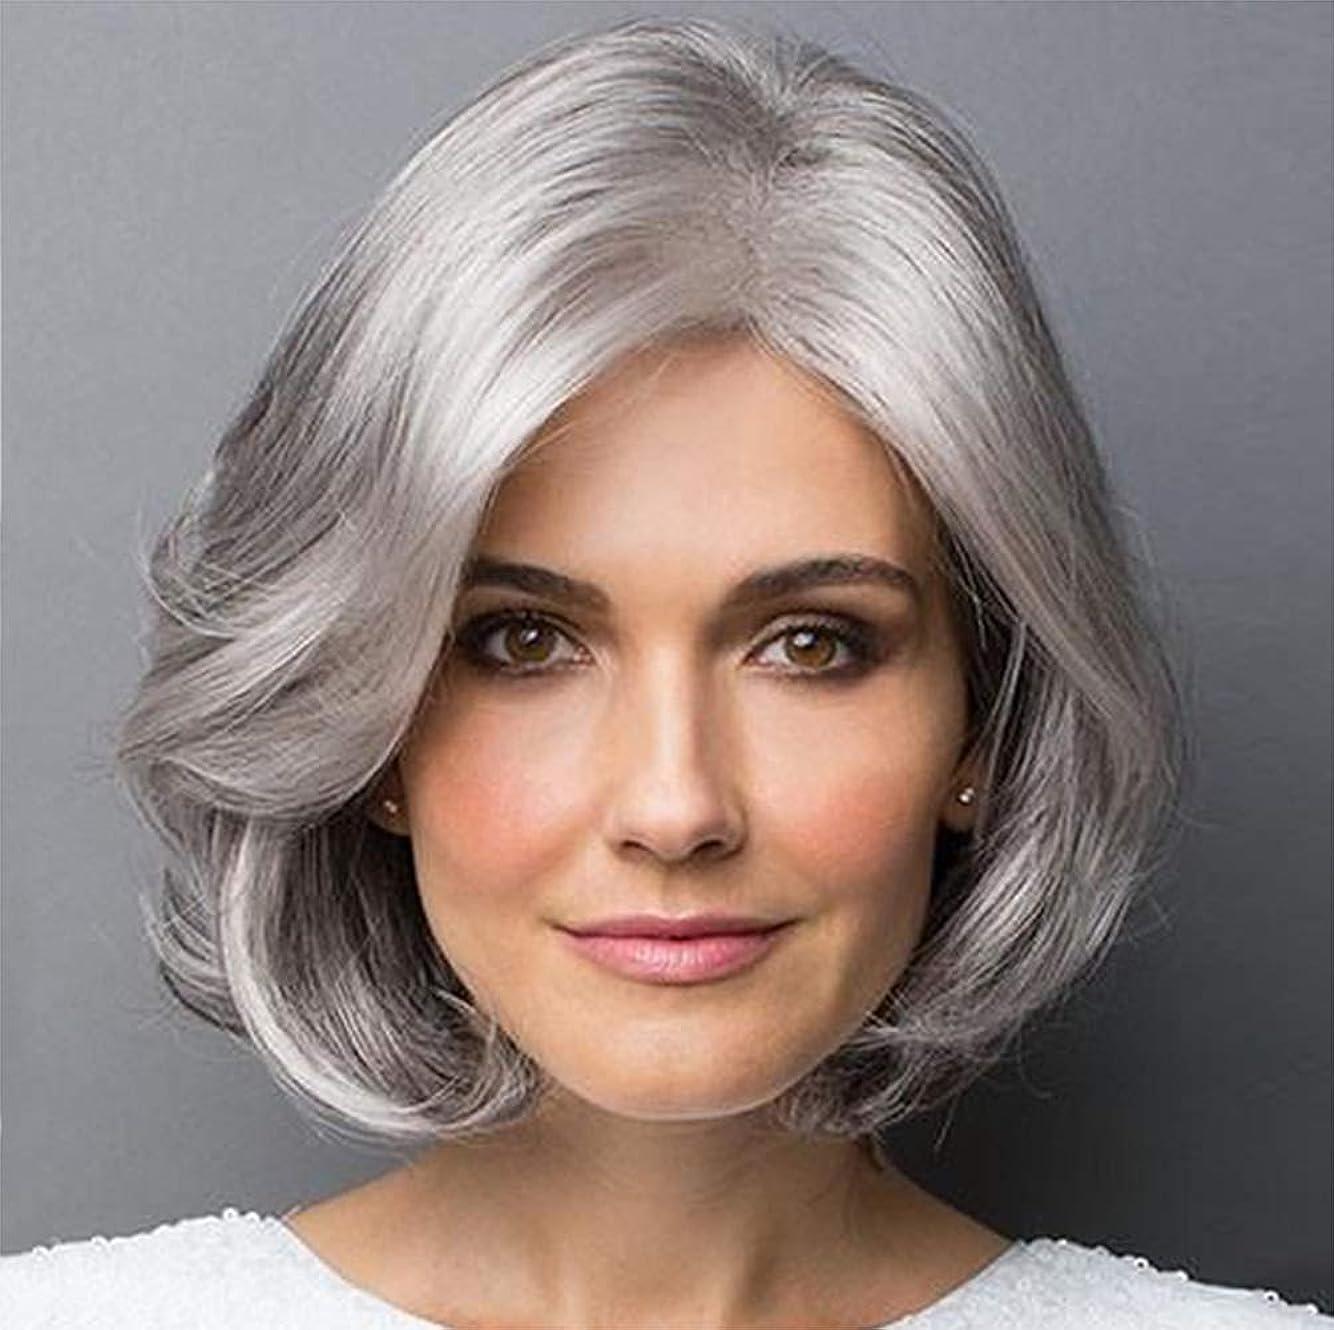 相談するファイター作動する女性かつらおばあちゃんの髪耐熱合成短い絹のようなパーティーヘアウィッグライトグレー35 cm